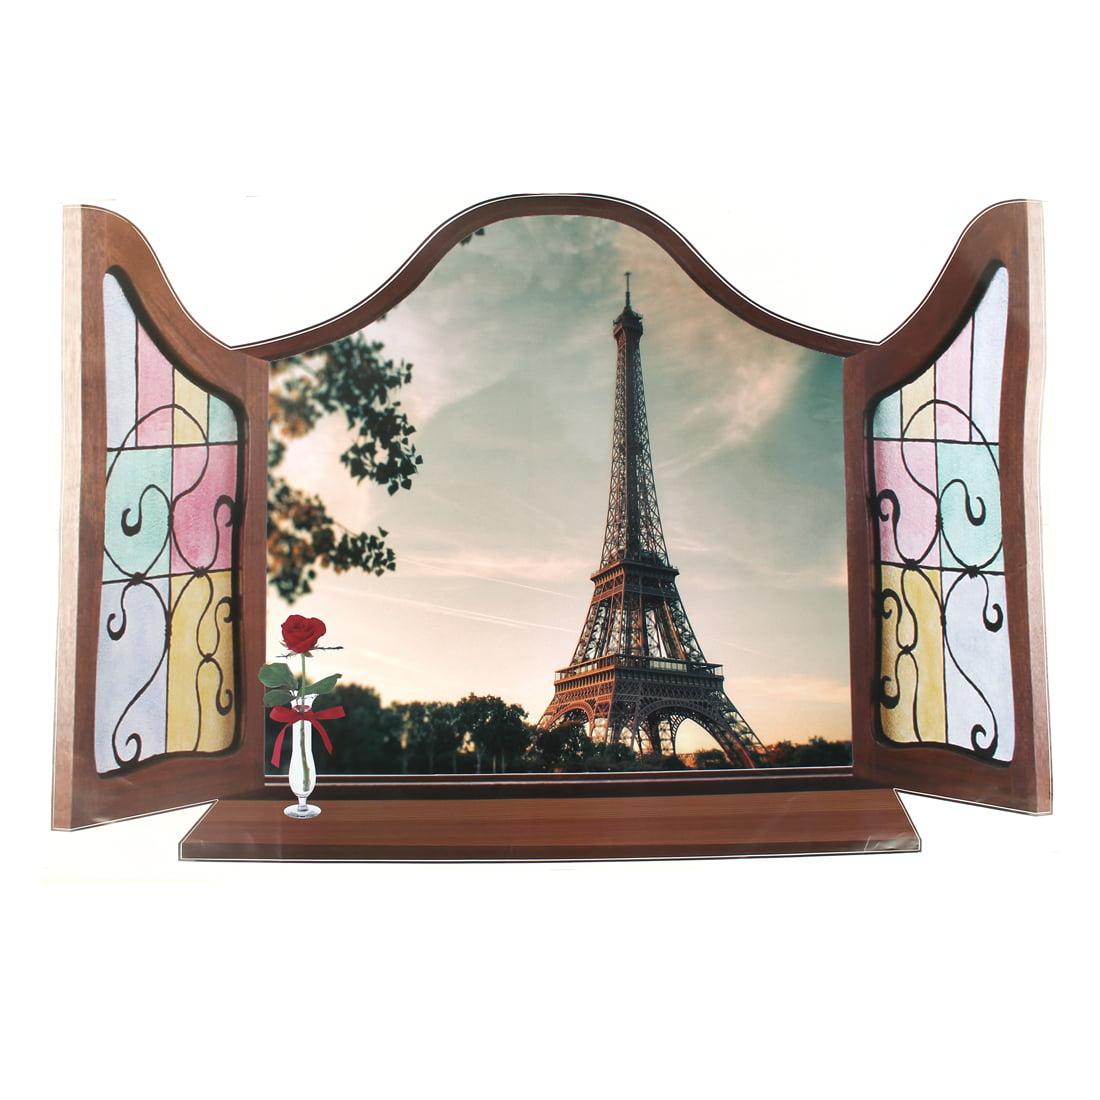 Home Art Wall Decor 3D Effect False Window Eiffel Tower Pattern Wall Sticker Decal